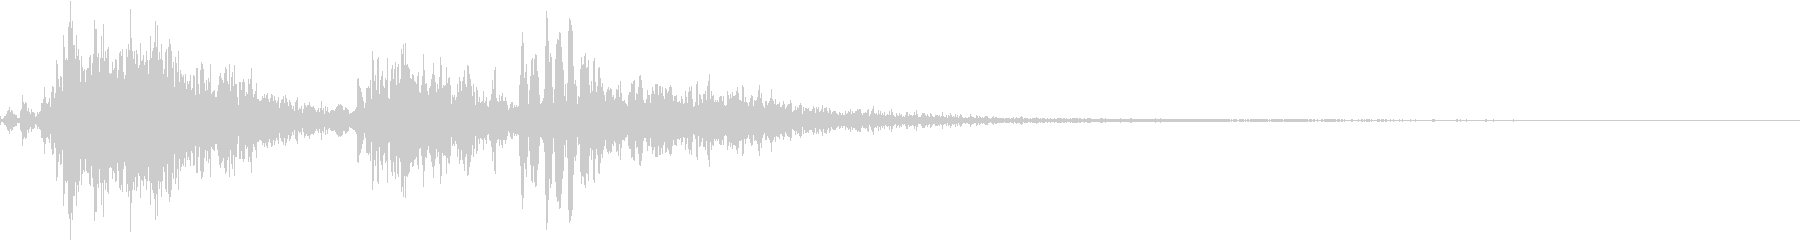 モンスターの鳴き声1の未再生の波形